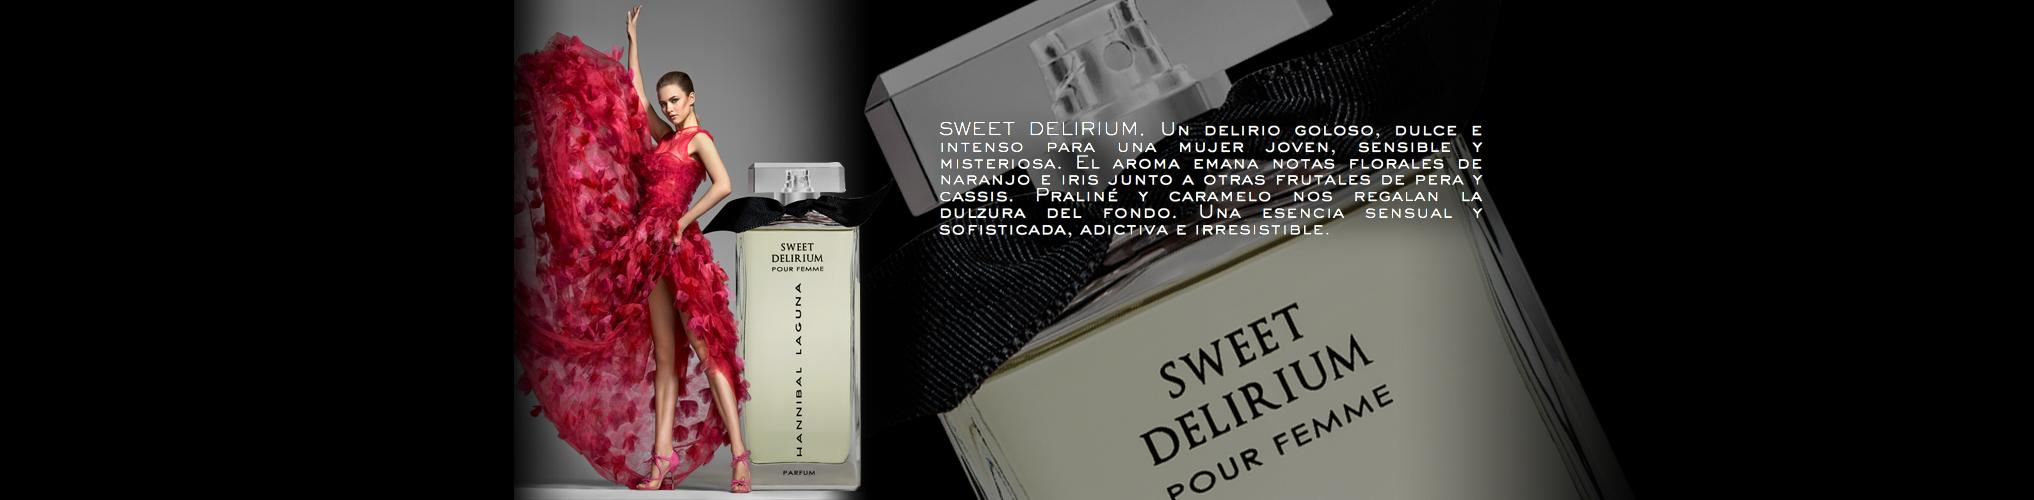 SWEET DELIRIUM